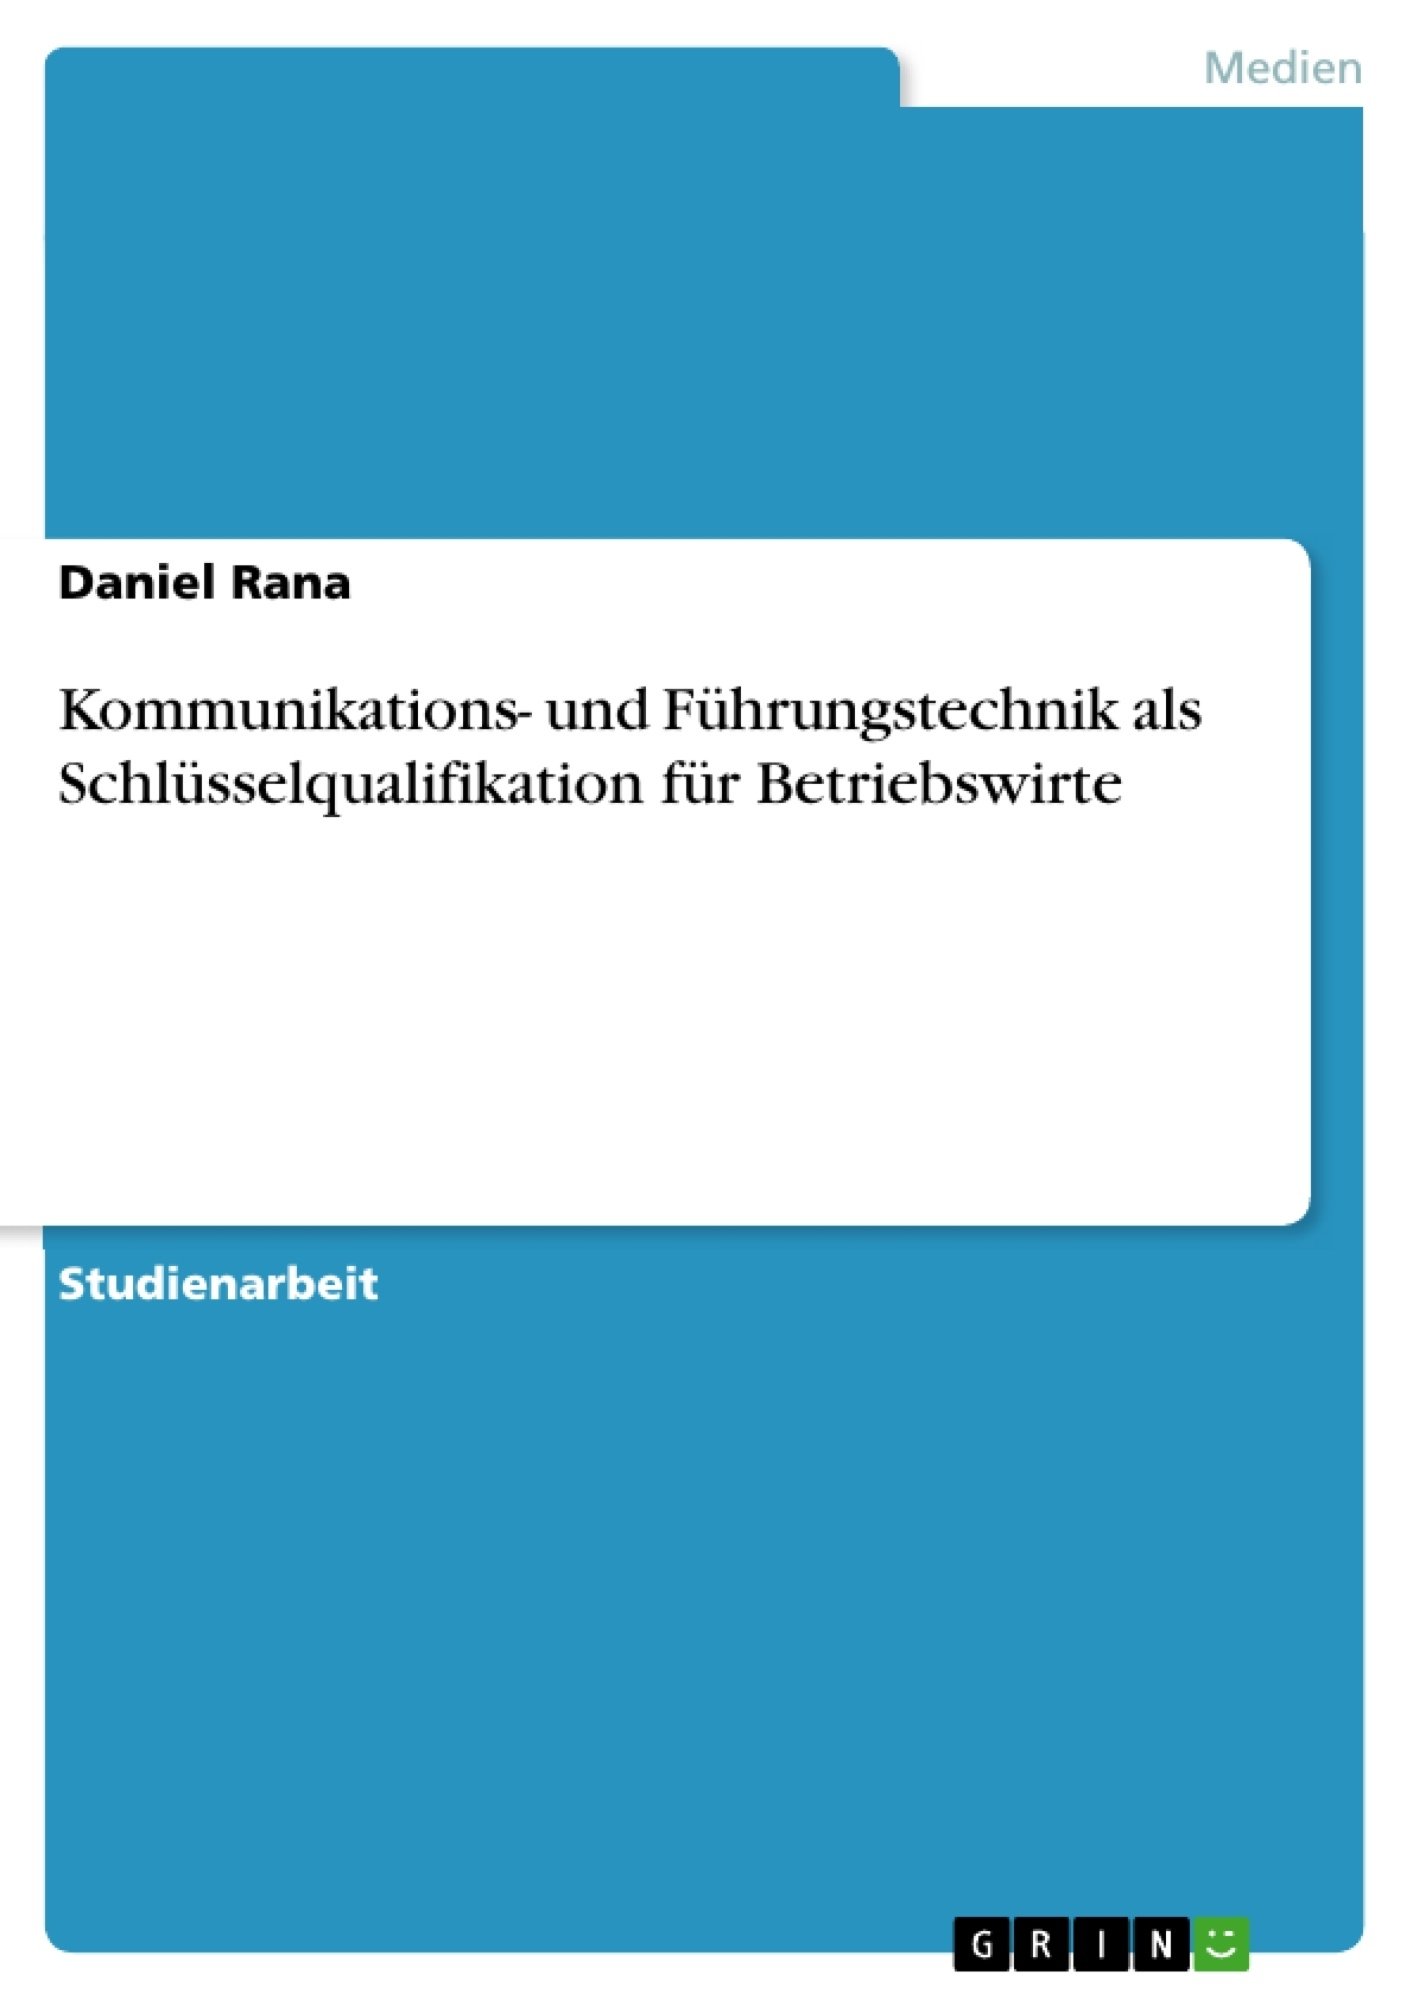 Titel: Kommunikations- und Führungstechnik als Schlüsselqualifikation für Betriebswirte